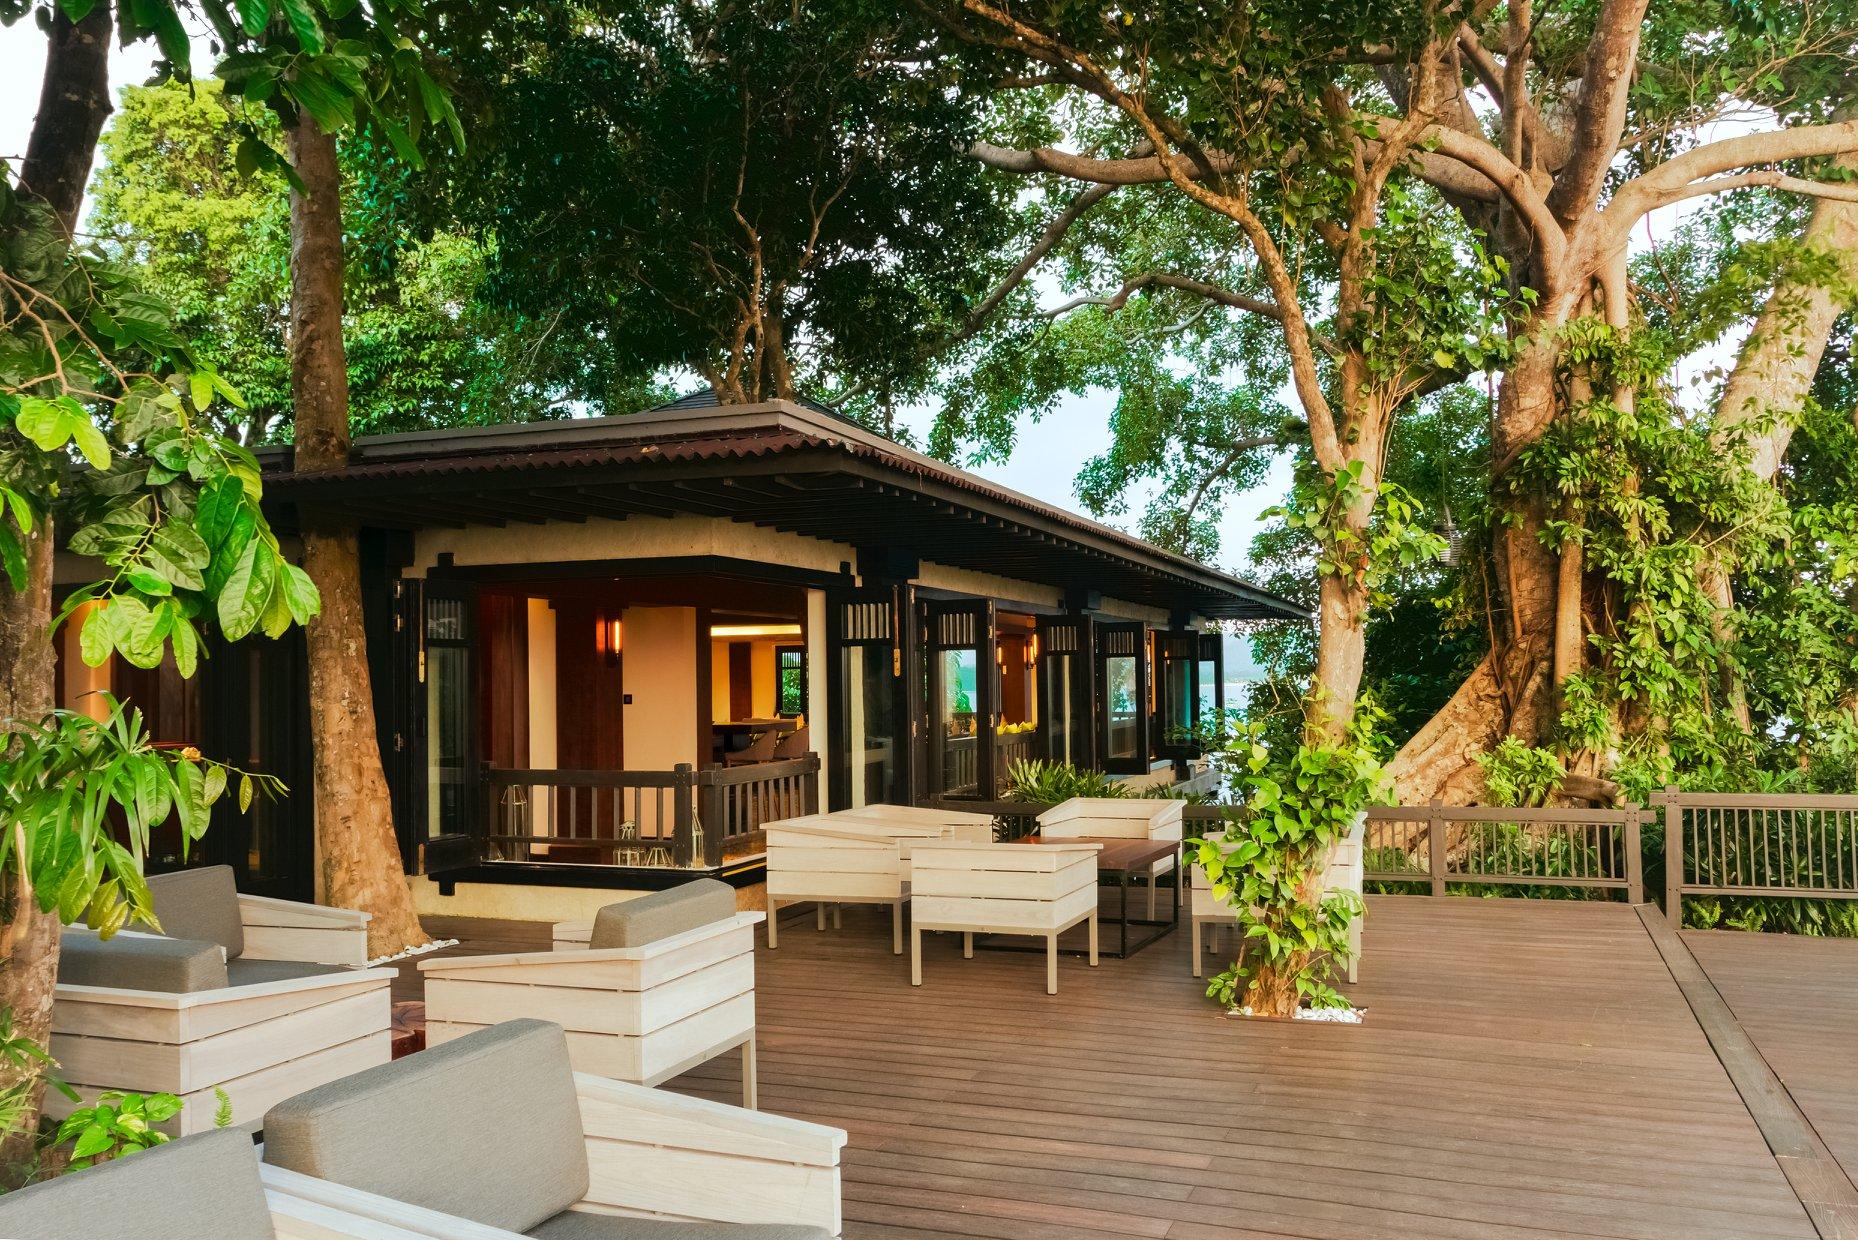 mau quan cafe cay xanh dep hinh that 2 Mẫu thiết kế quán cafe sân vườn đẹp giúp kinh doanh sinh lời giữ chân khách hàng trung thành